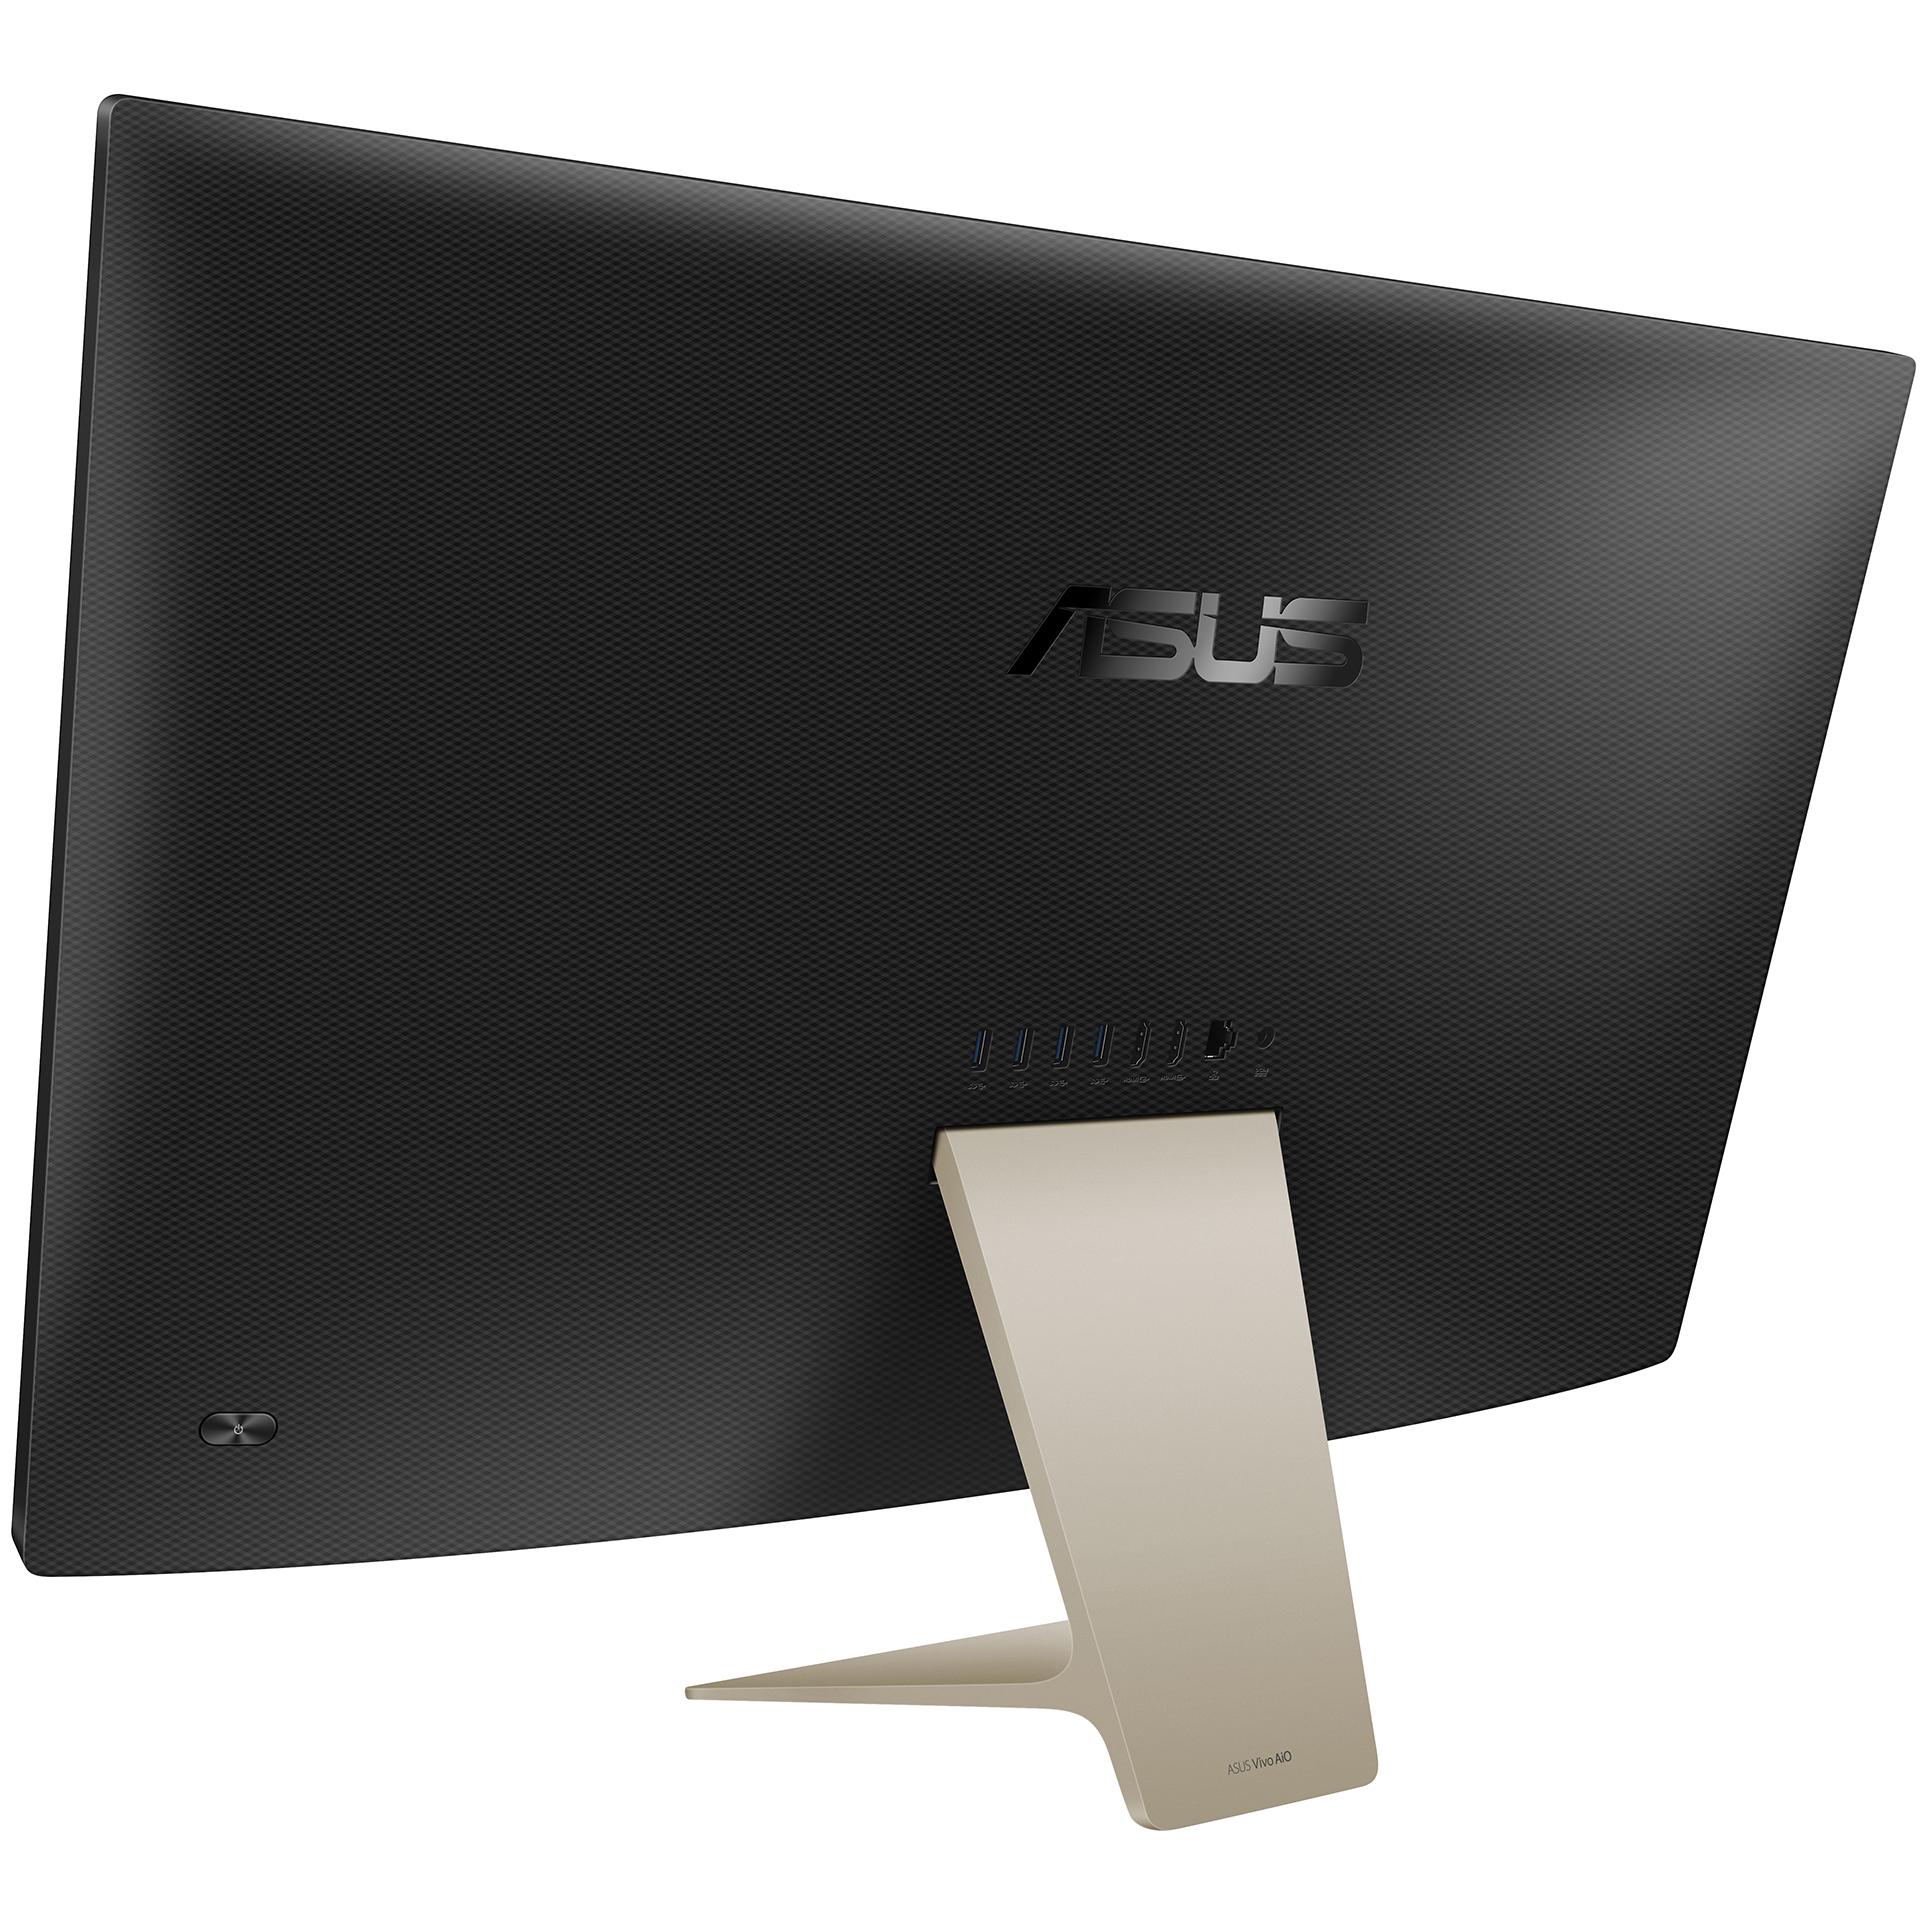 monitor-arvuti Asus Vivo AiO V272UAK-BA020T